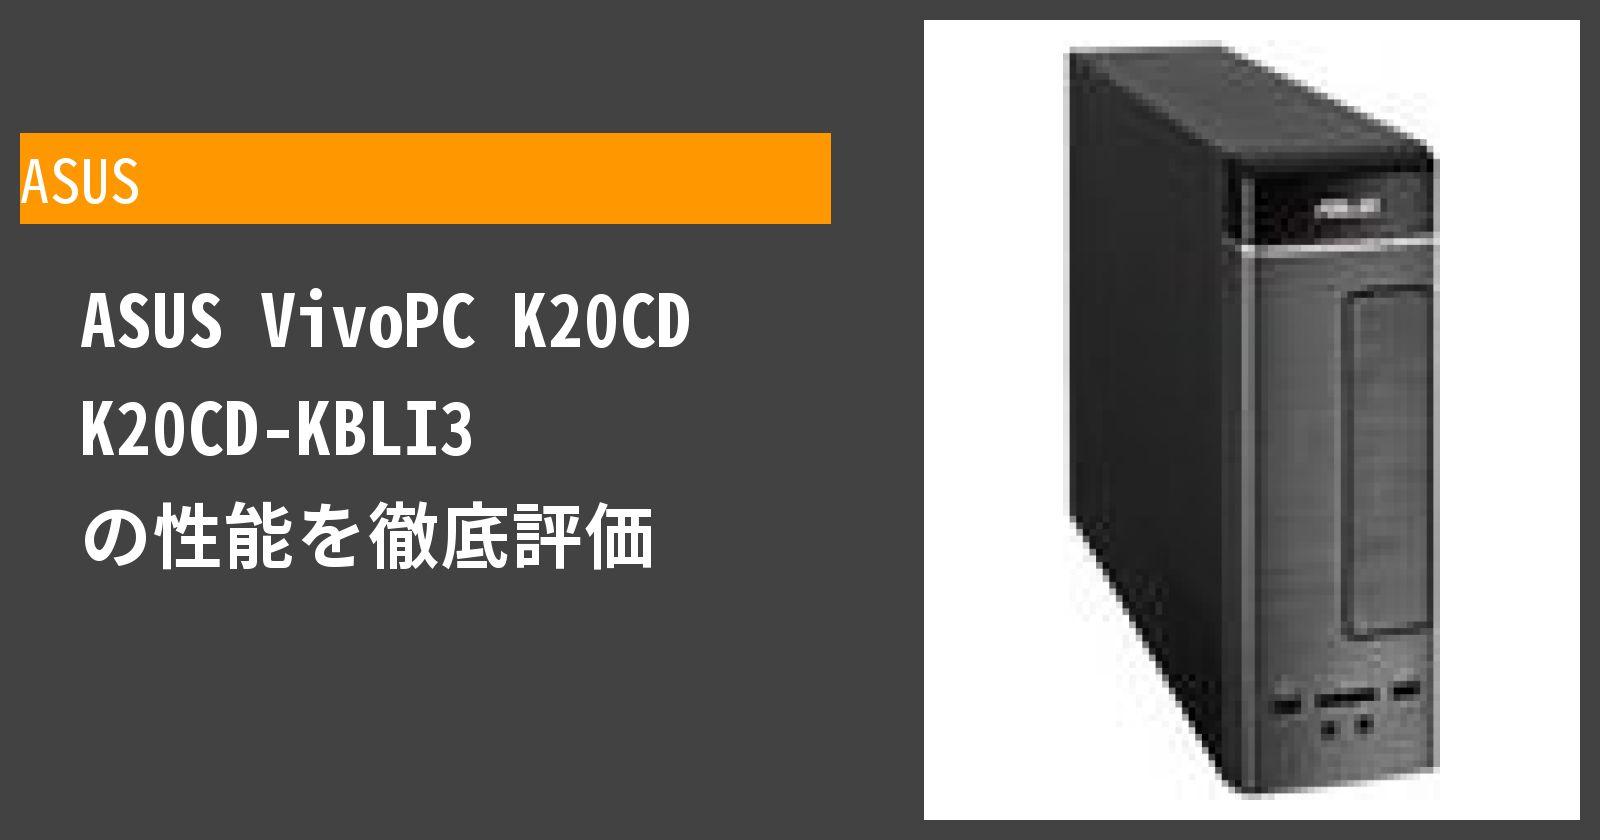 VivoPC K20CD(K20CD-KBLI3) の性能を徹底評価